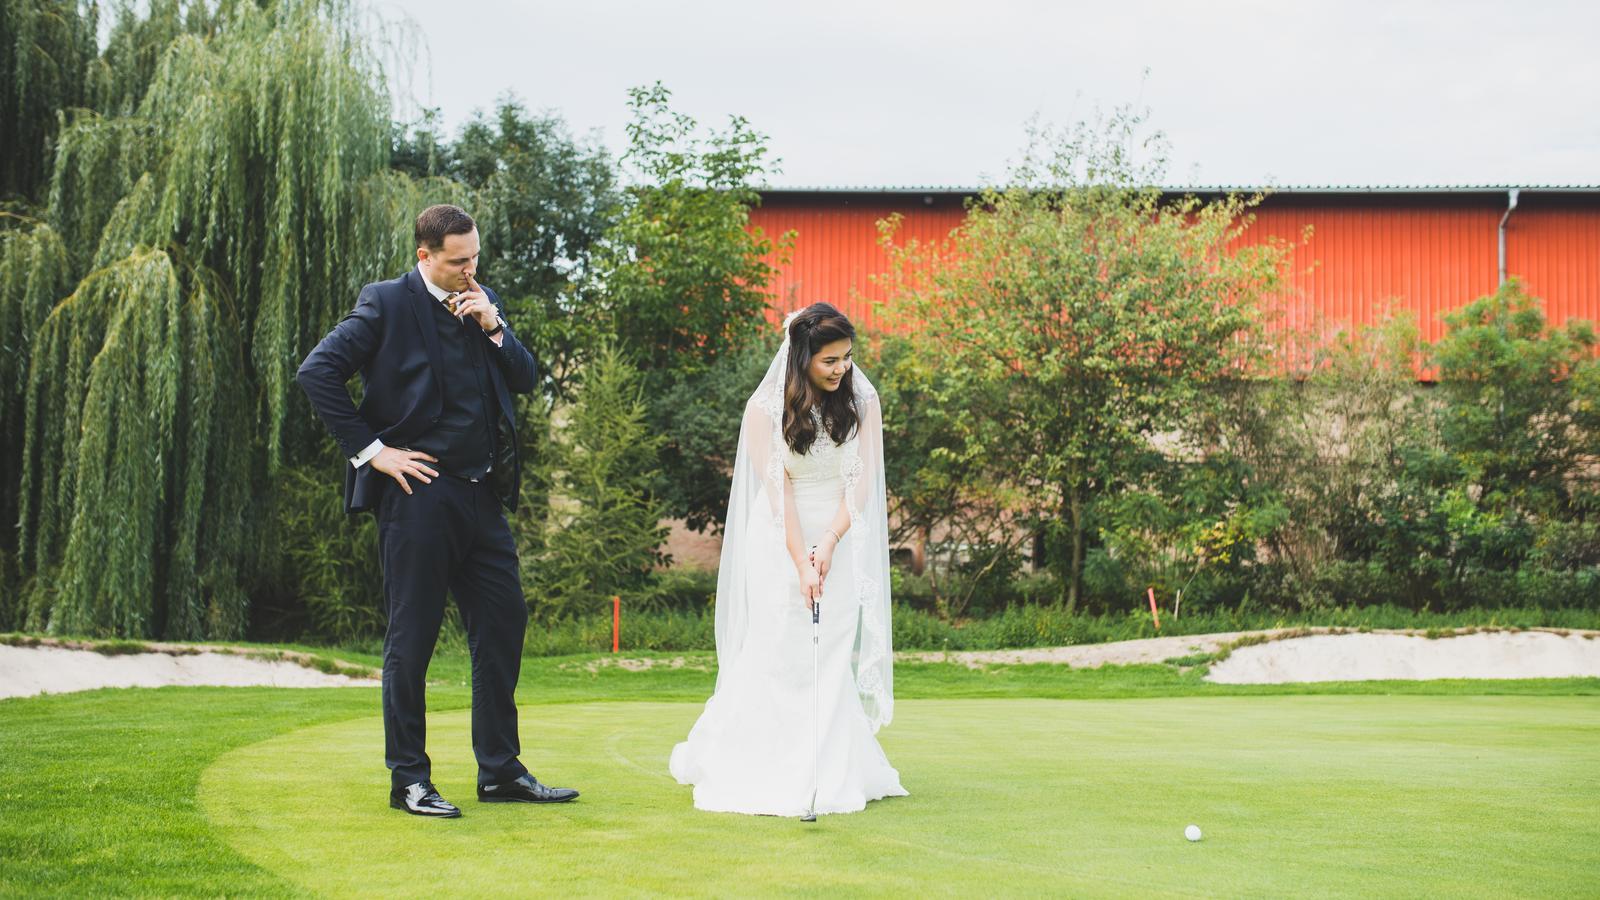 Rebecca + Marcel - Ahoj, přidávám pár snímků z krásné česko-filipínské svatby. Doufám, že se budou líbit! :-) - Pavlína, www.renardproduction.com